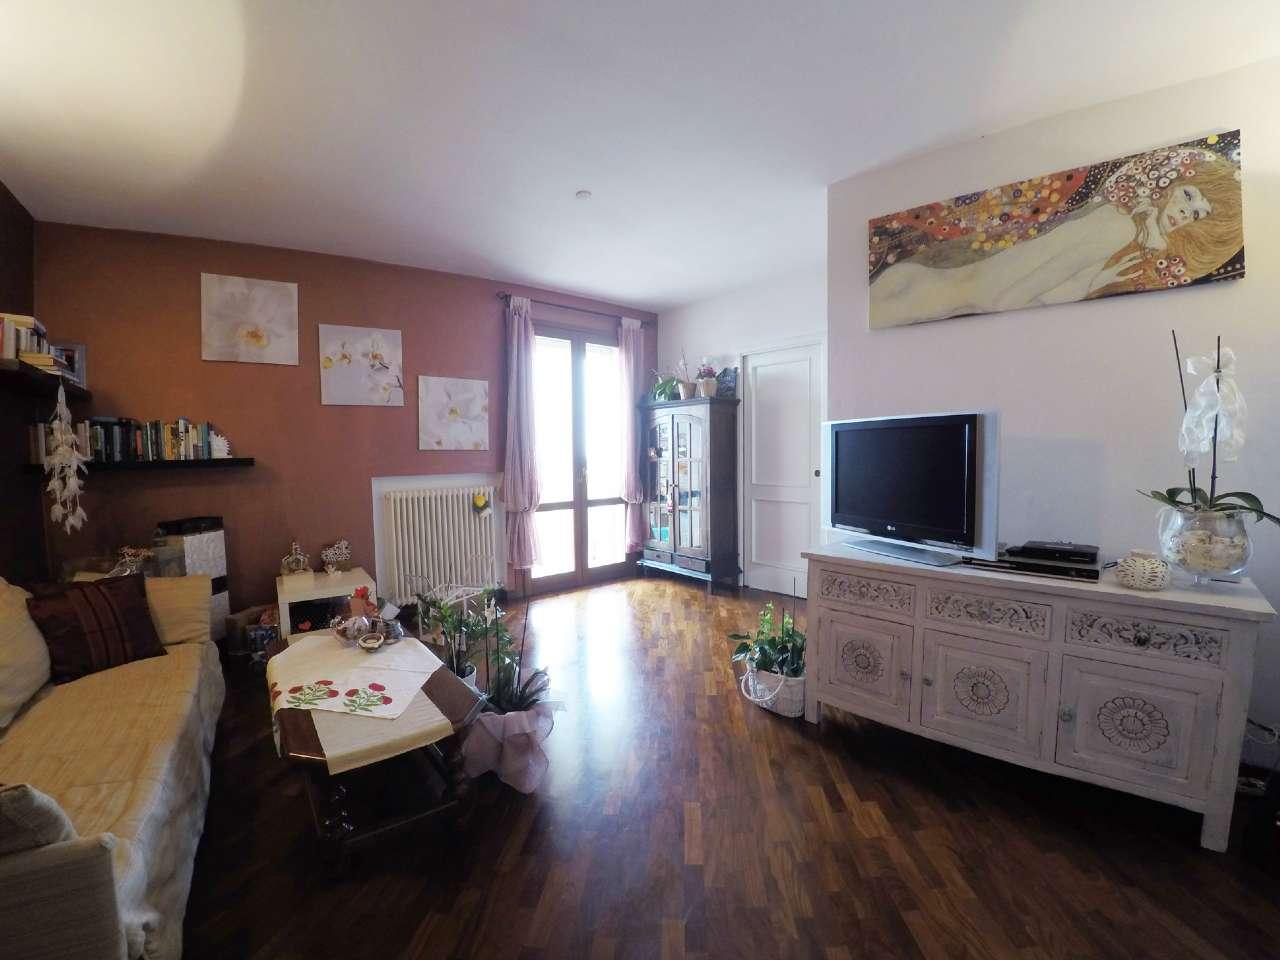 Attico / Mansarda in vendita a Ravenna, 3 locali, prezzo € 155.000 | Cambio Casa.it